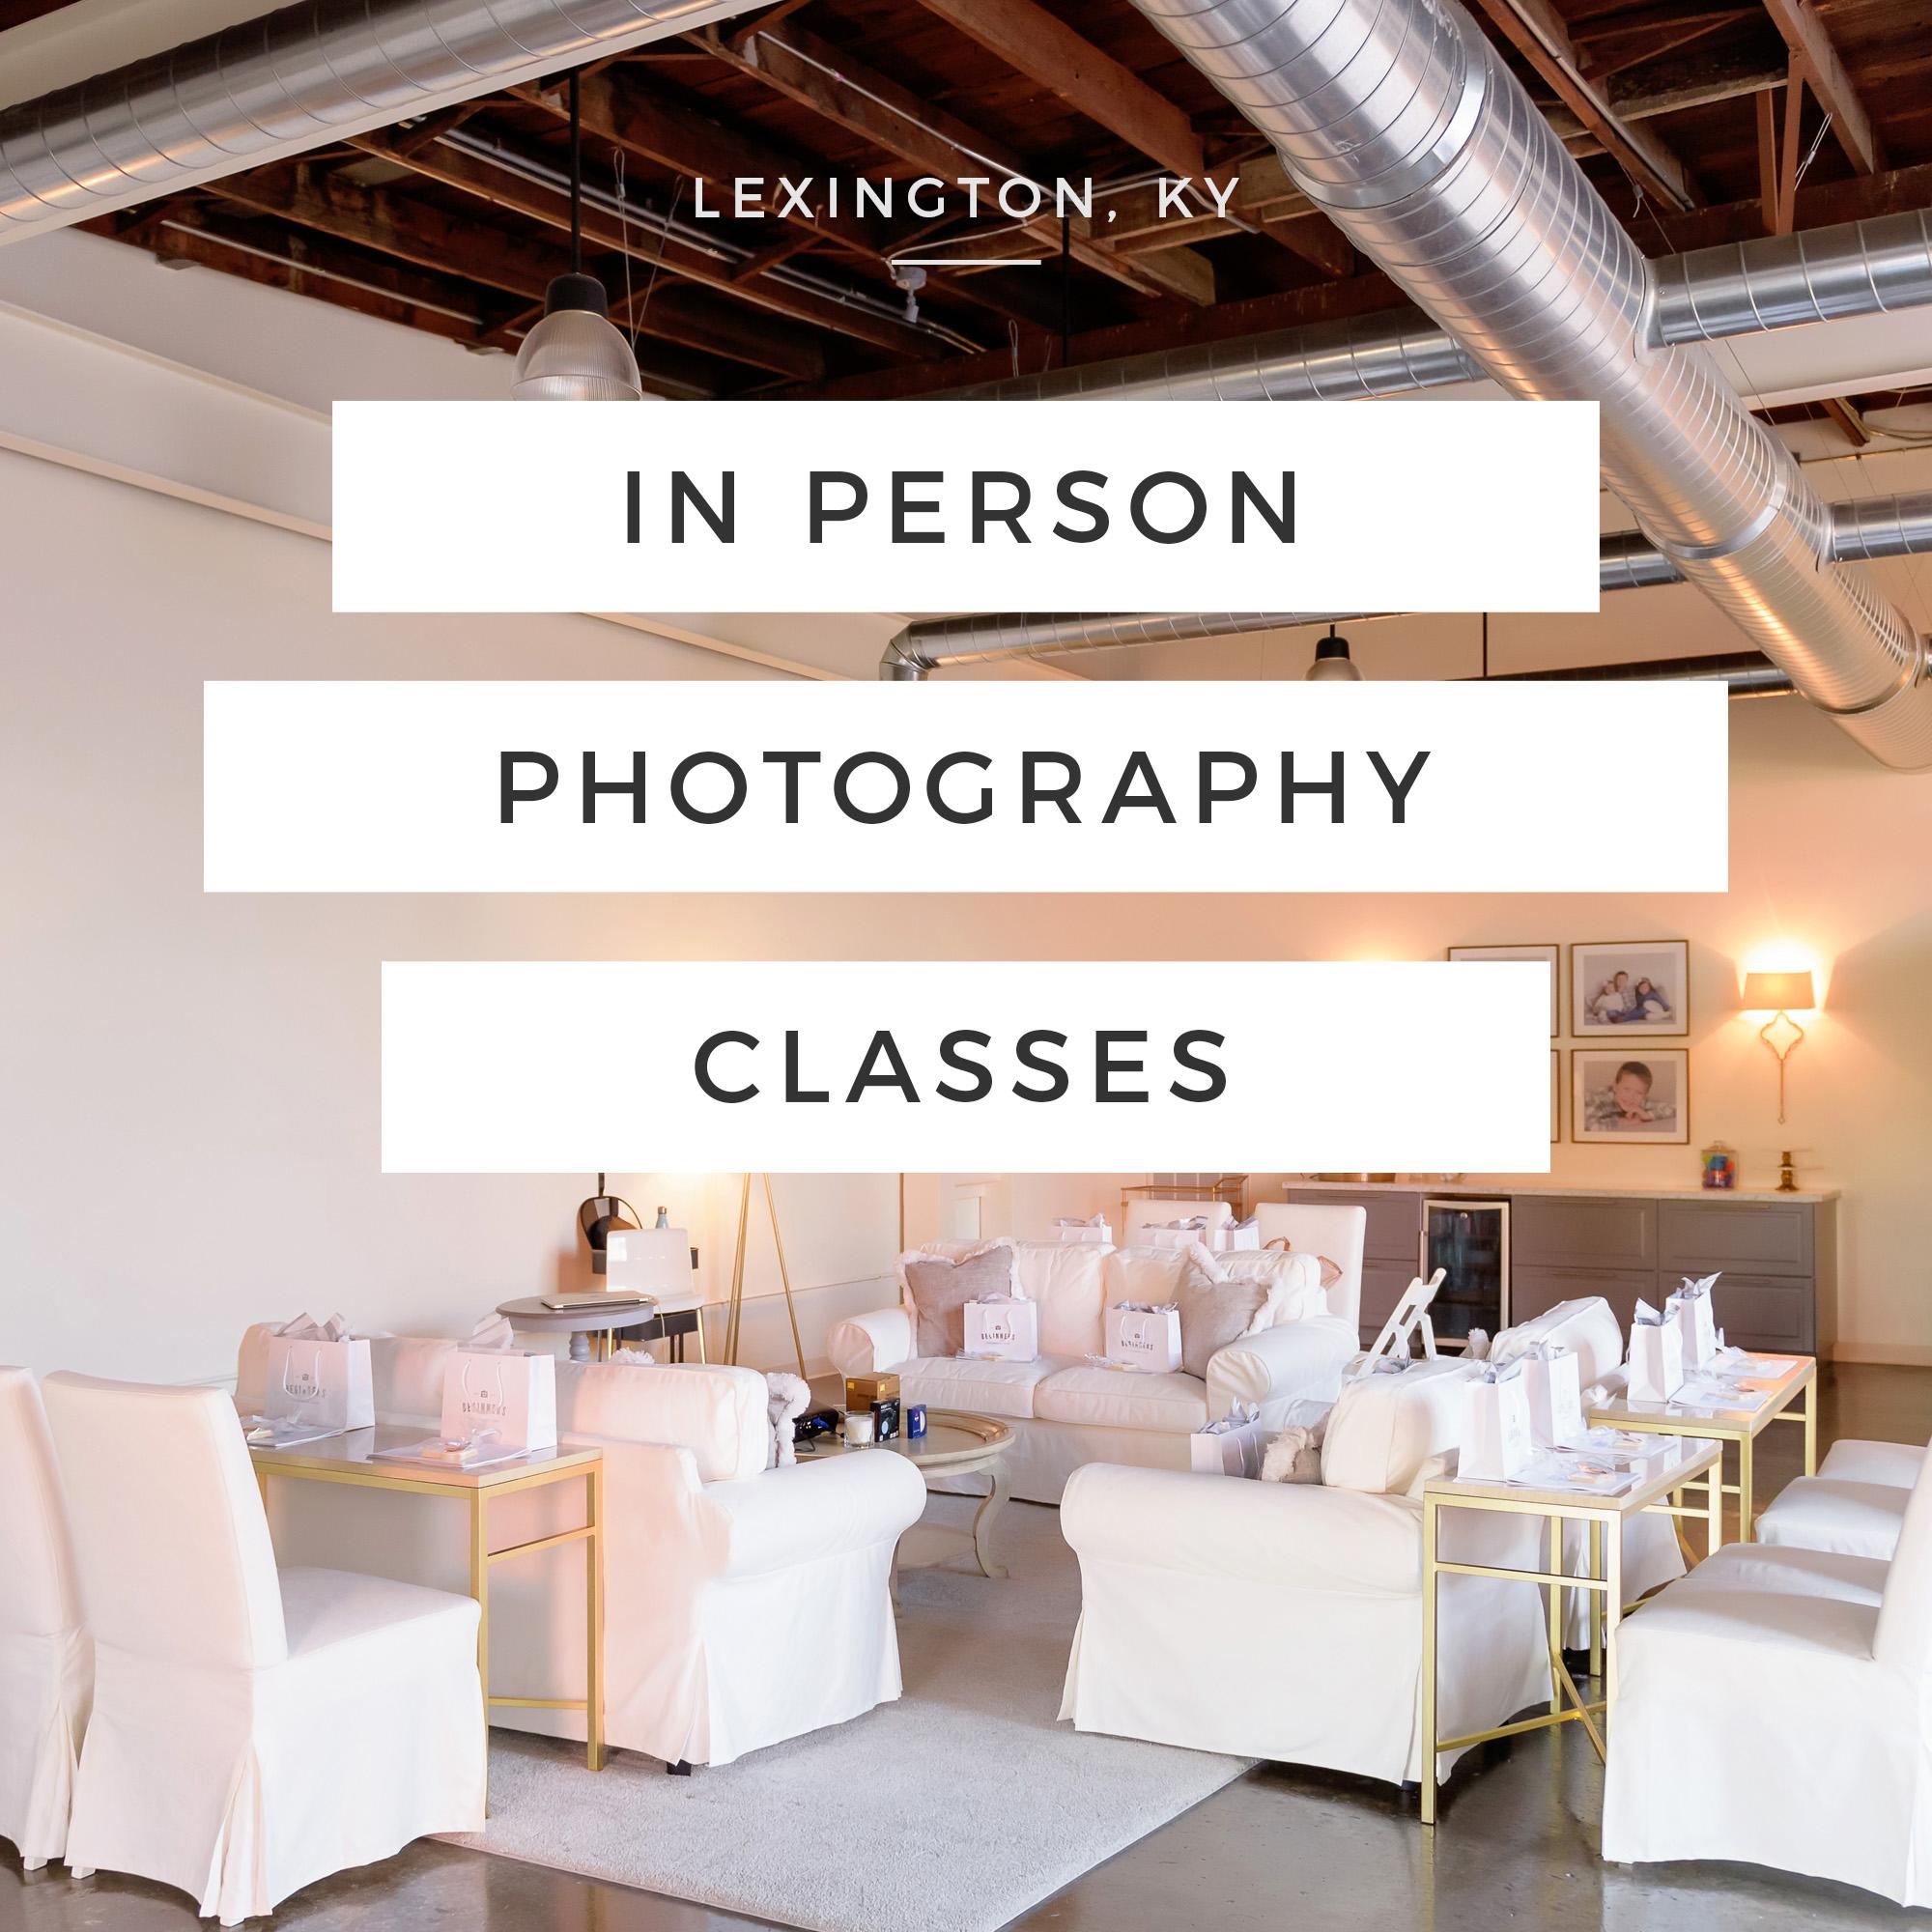 lexington photography classes